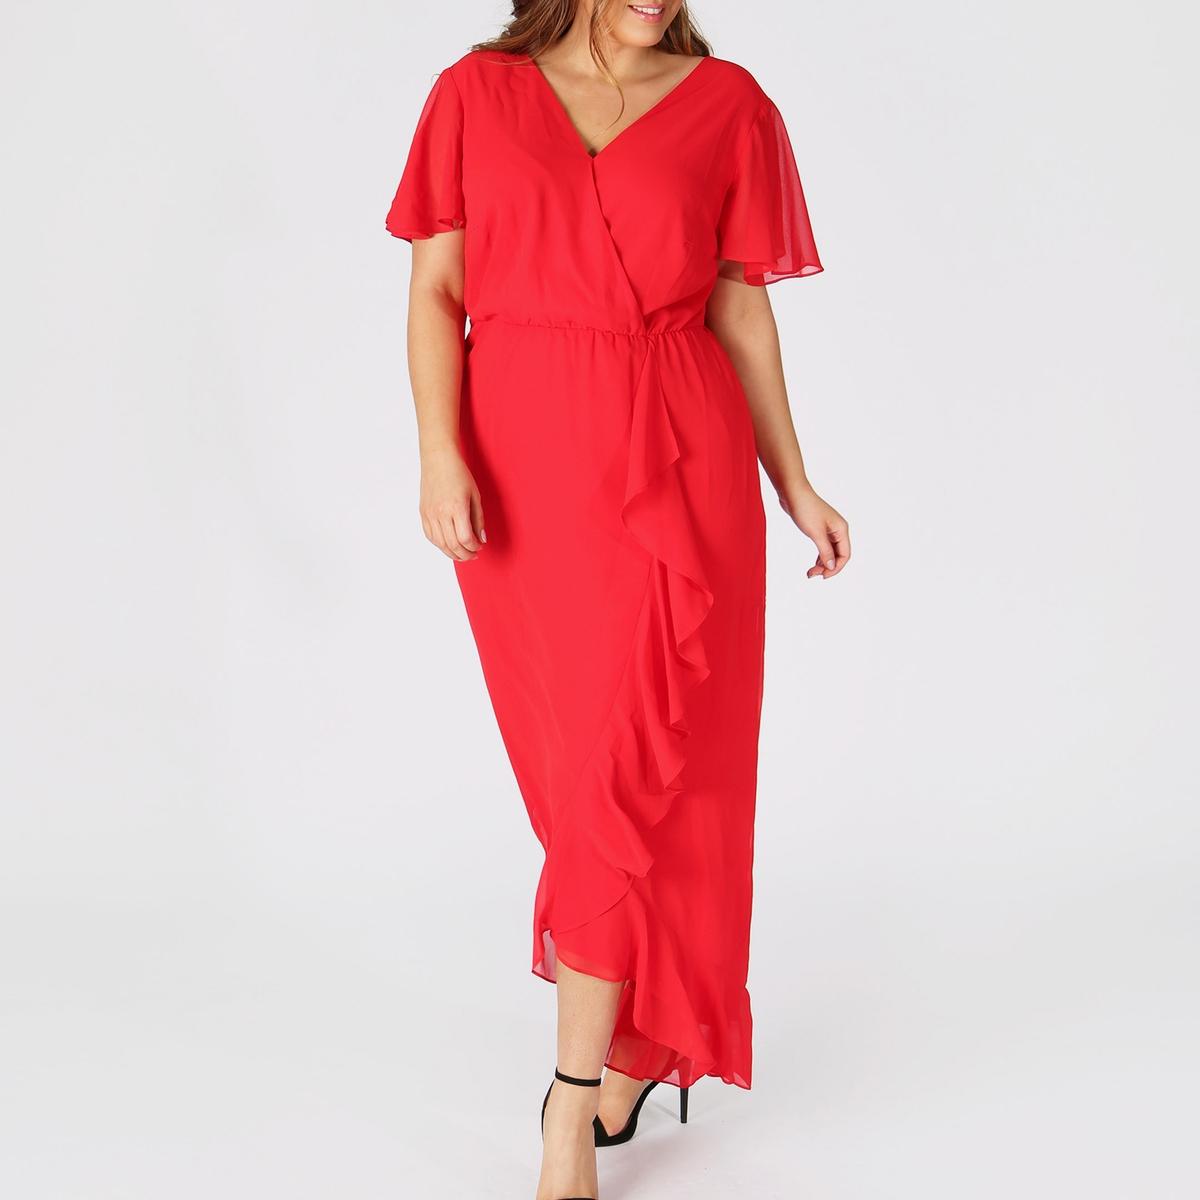 Платье La Redoute С глубоким V-образным вырезом и открытой спинкой 50 (FR) - 56 (RUS) красный candy girl платье голубое с открытой спинкой